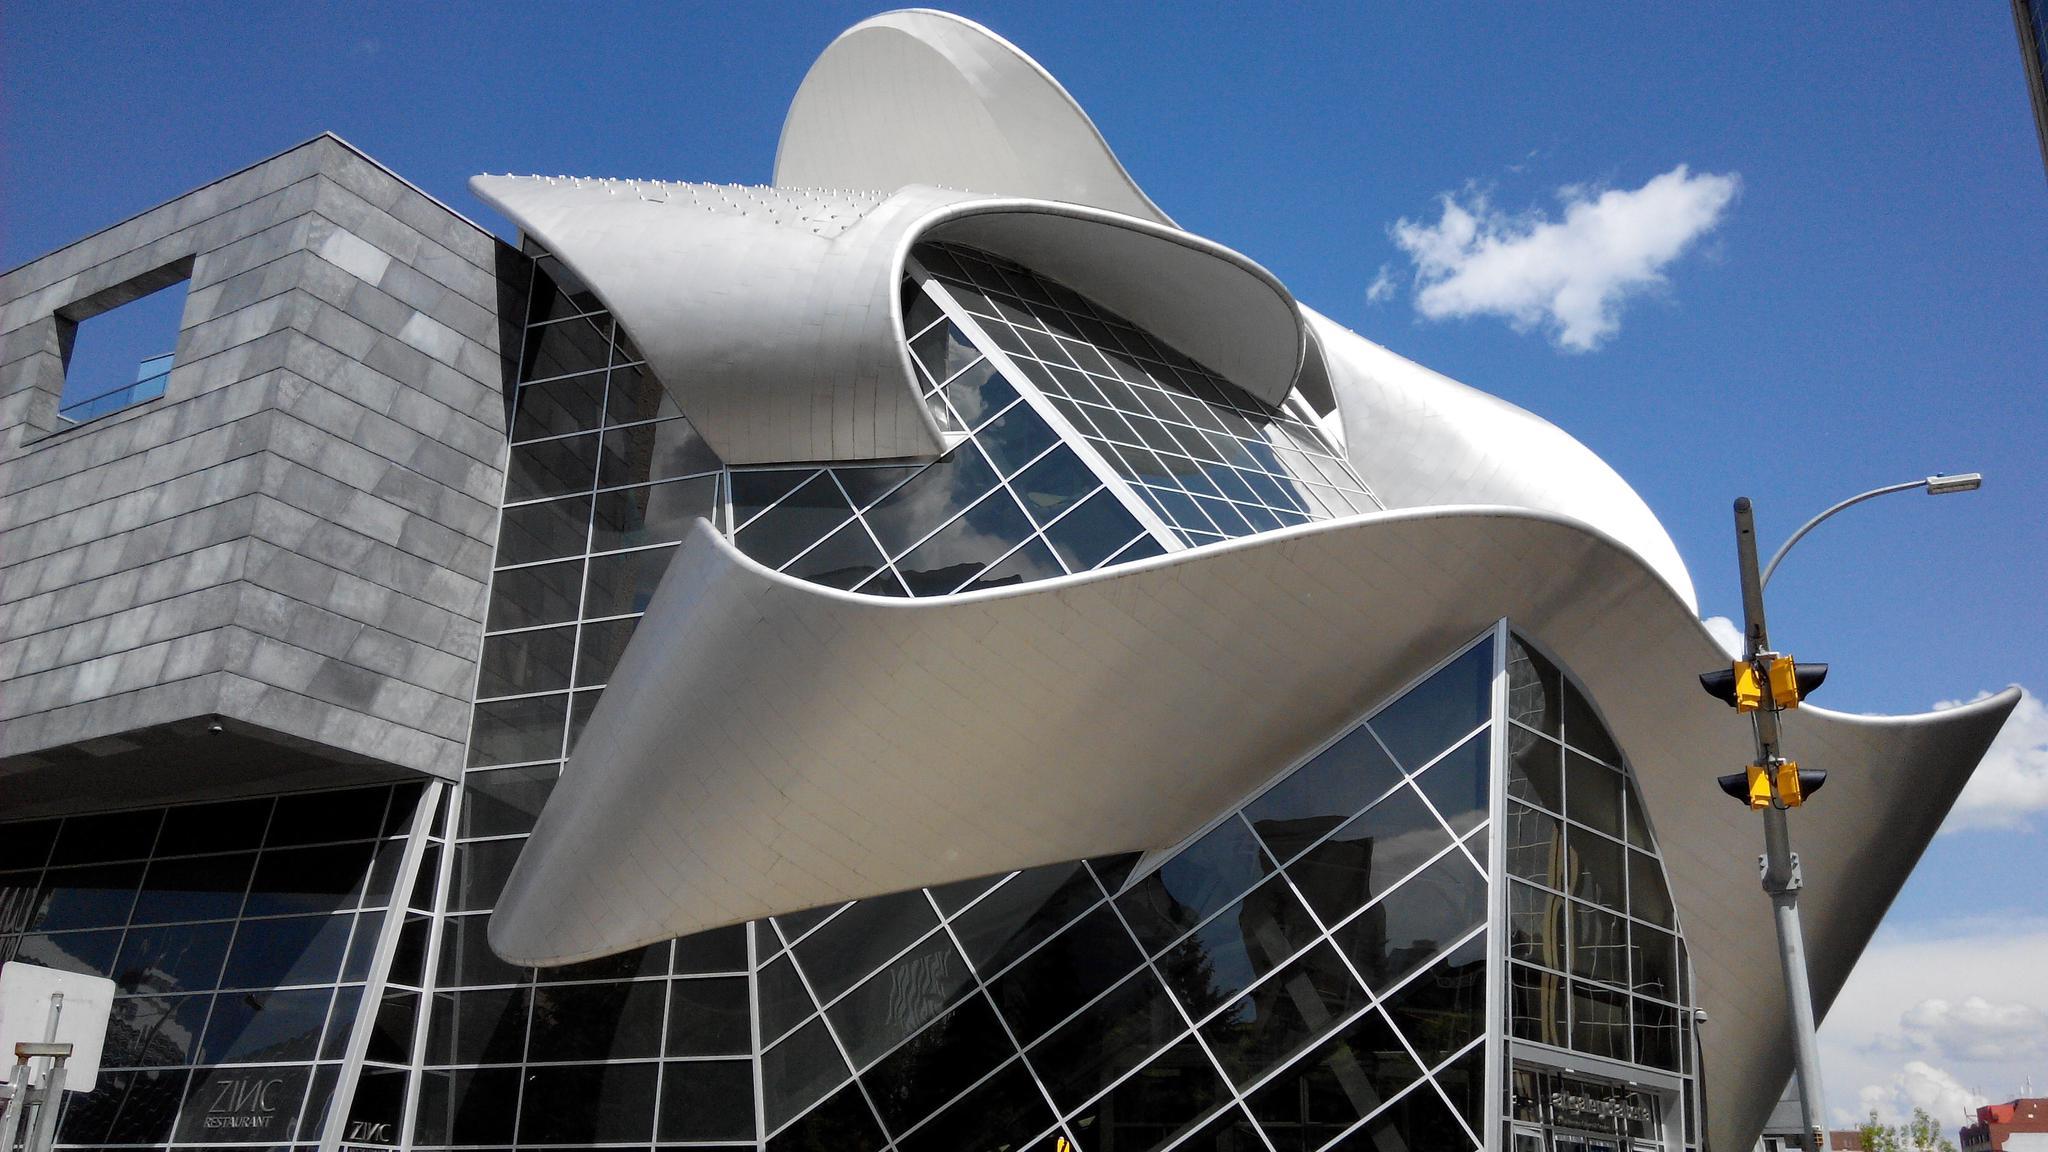 加拿大 埃德蒙顿 艾伯塔省立美术馆